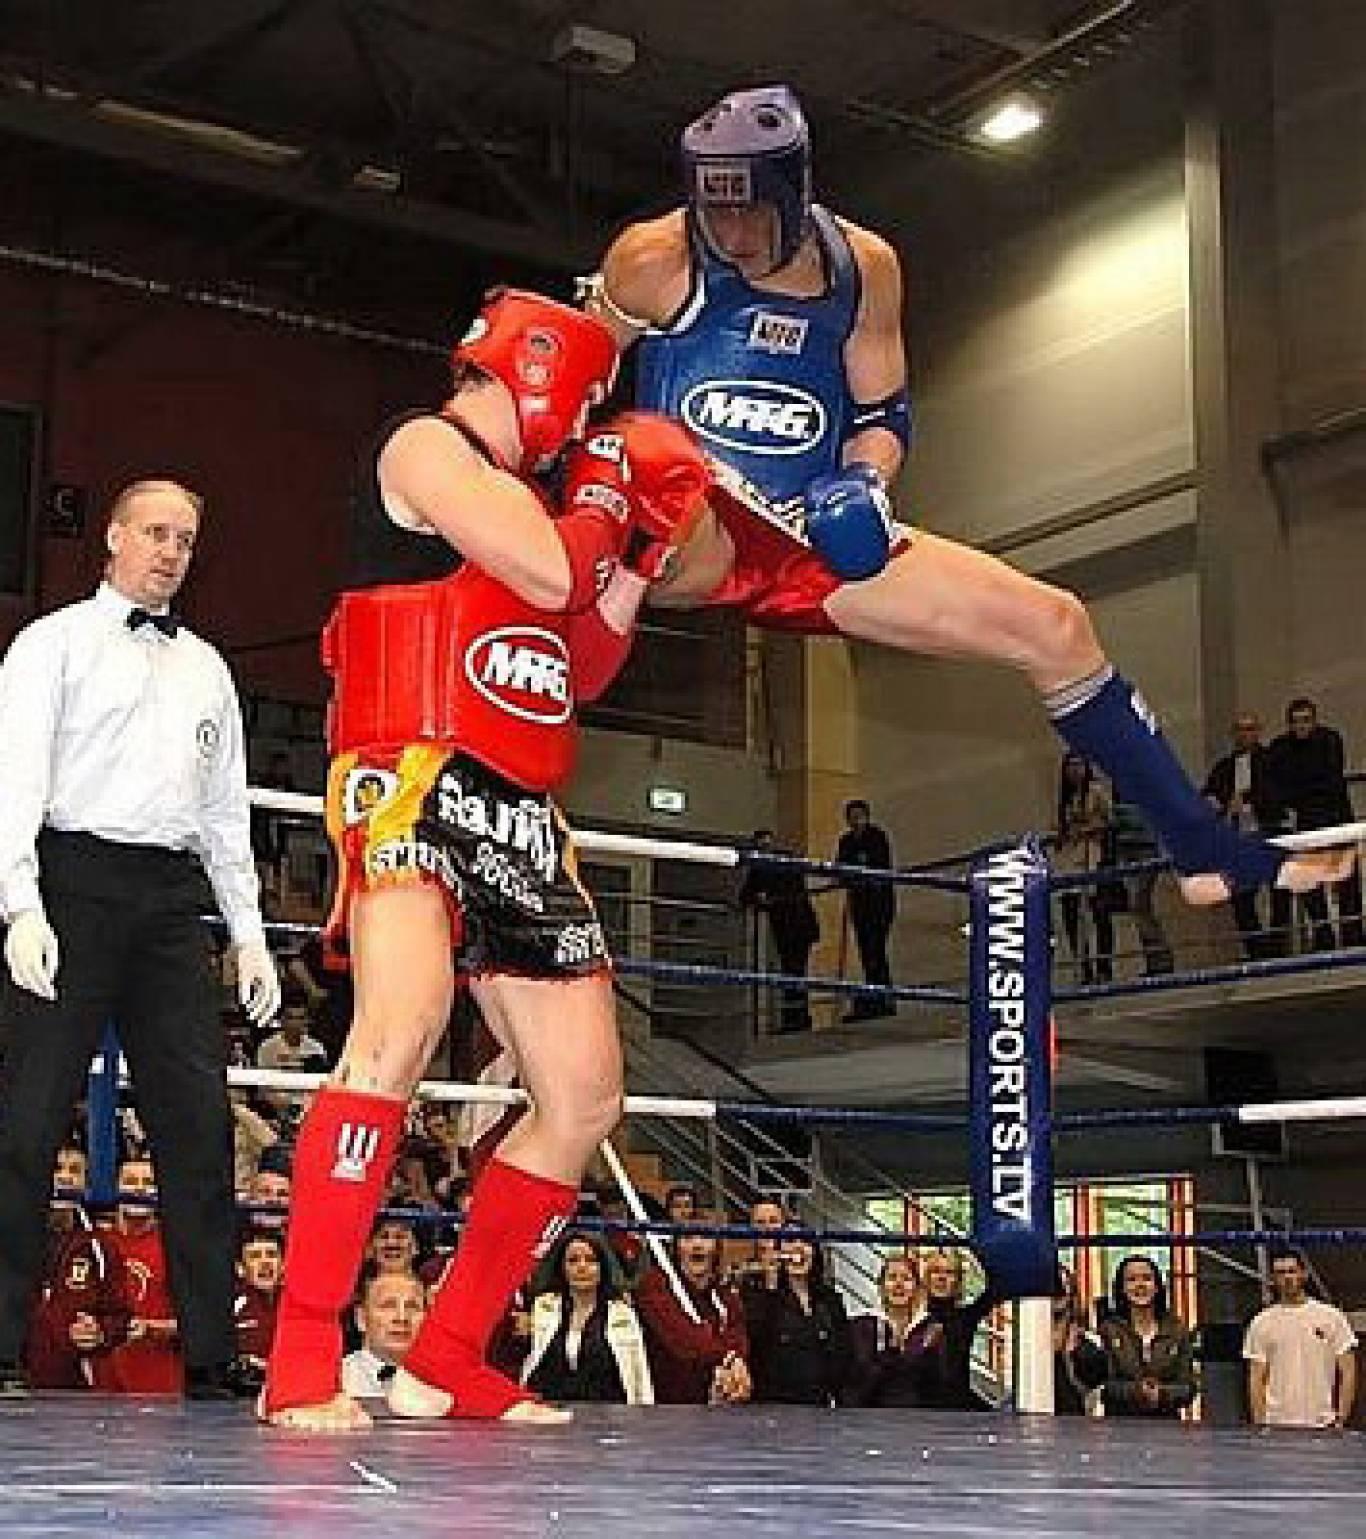 Всеукраїнський турнір - Кубок Київської області з тайського боксу Муай-Тай